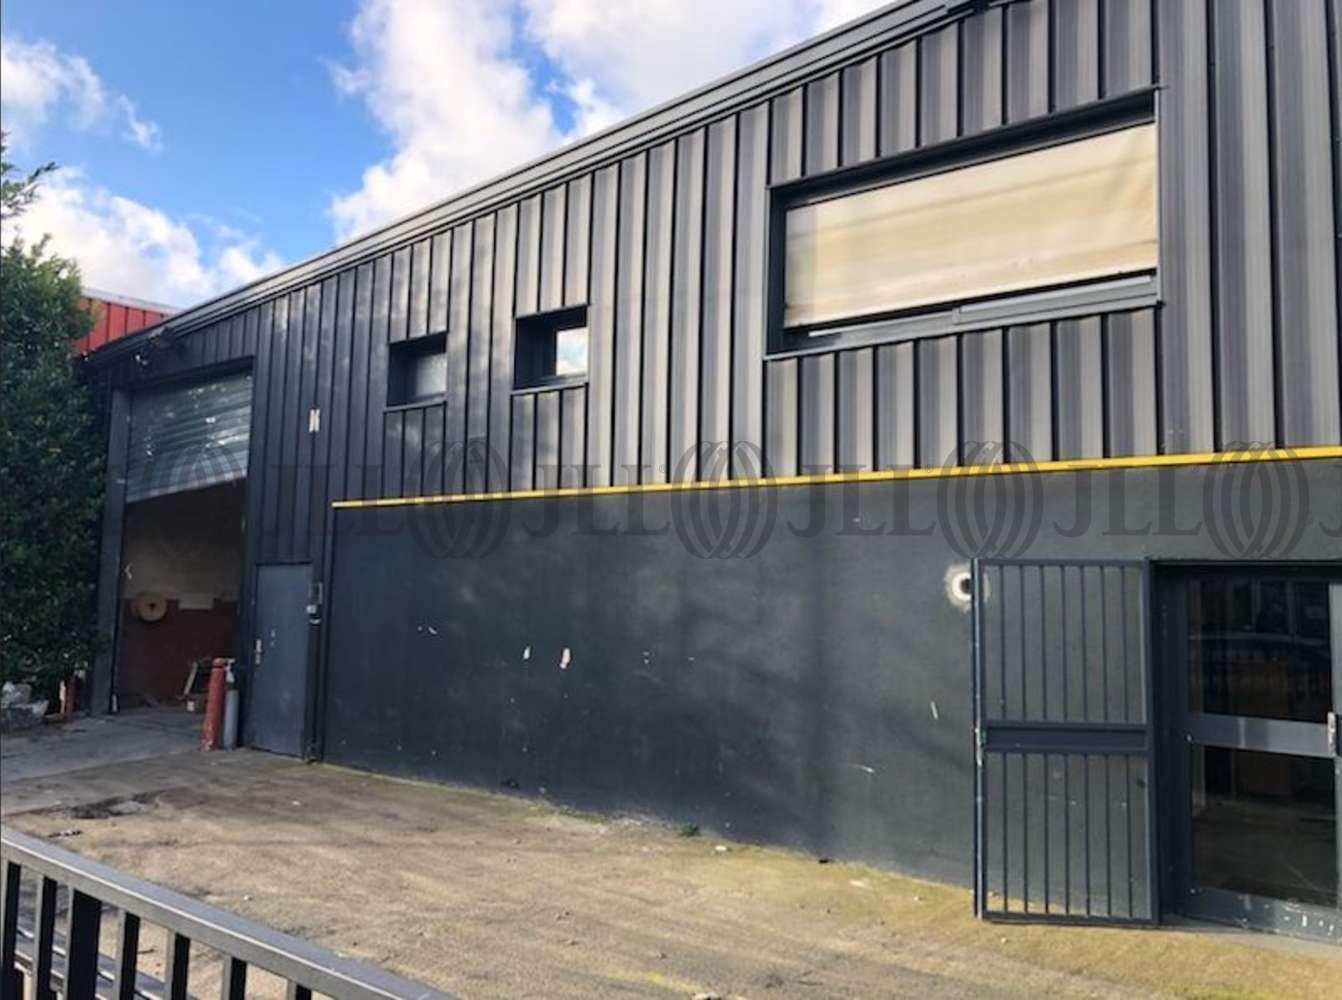 Activités/entrepôt Neuilly sur marne, 93330 - 90-92 RUE LOUIS AMPÈRE - 10900645